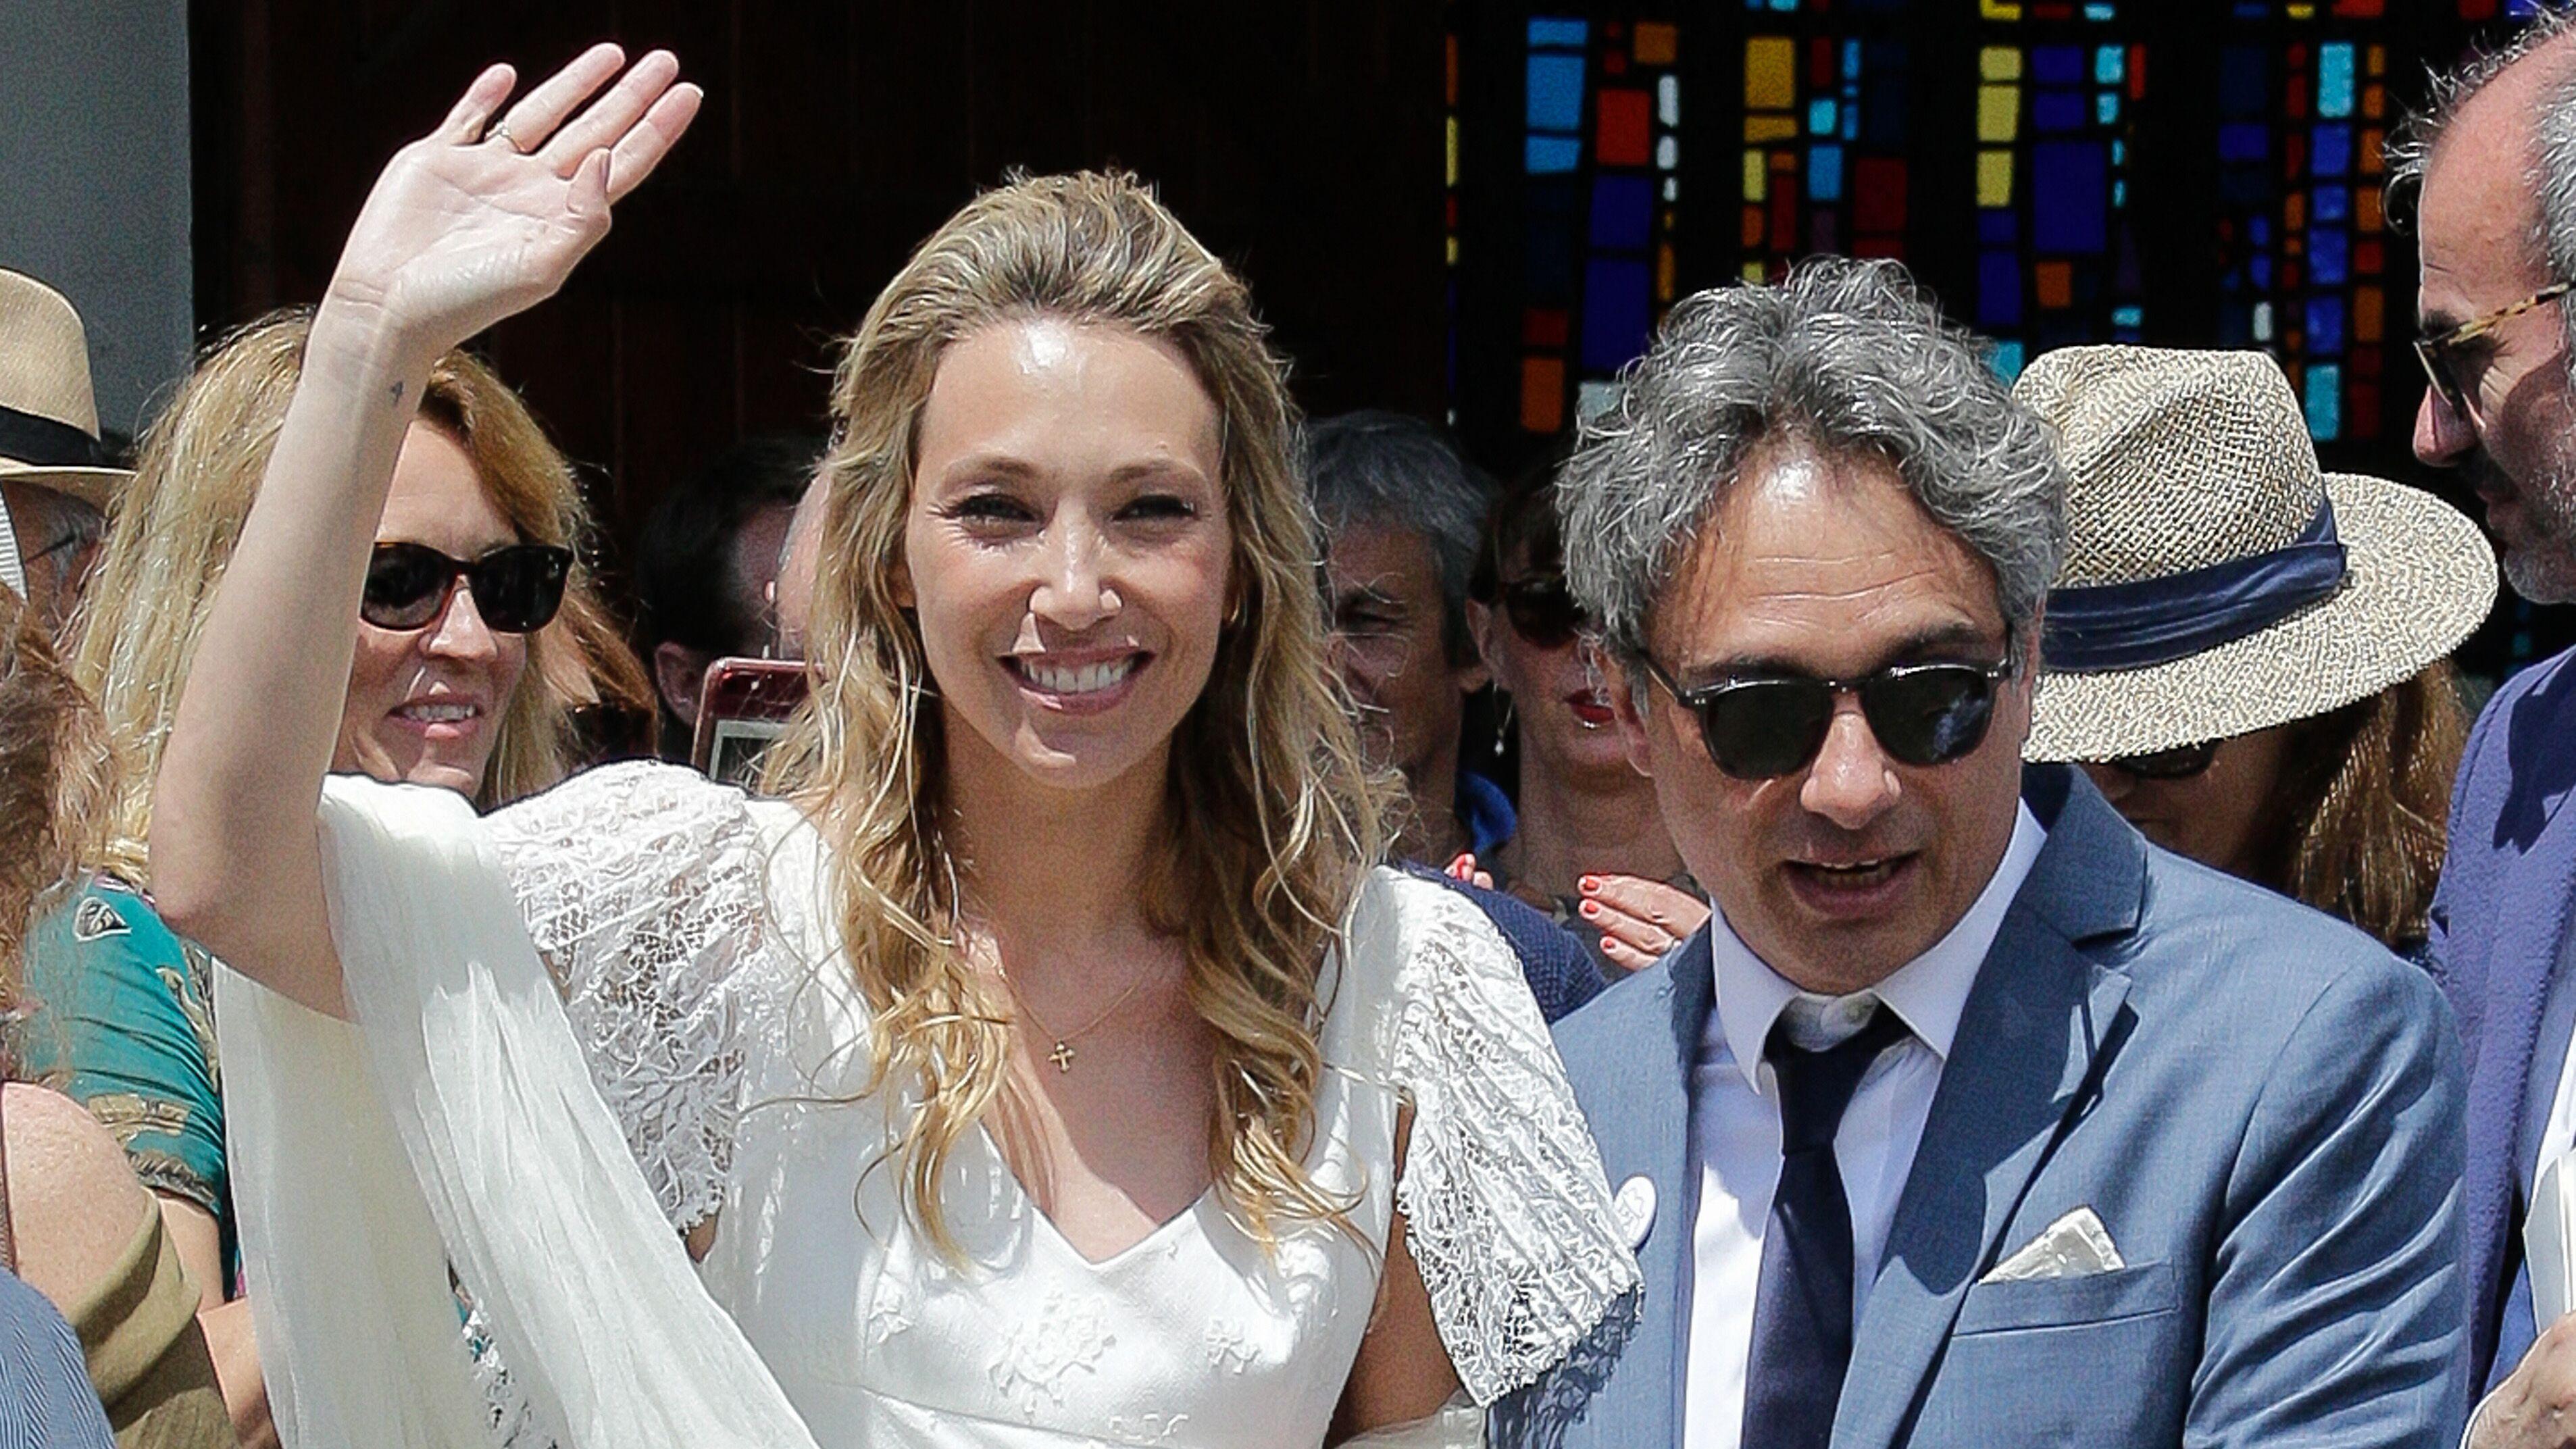 Mariage de Laura Smet  pourquoi la fille de Johnny Hallyday a fondu en  larmes à la cérémonie religieuse , Voici